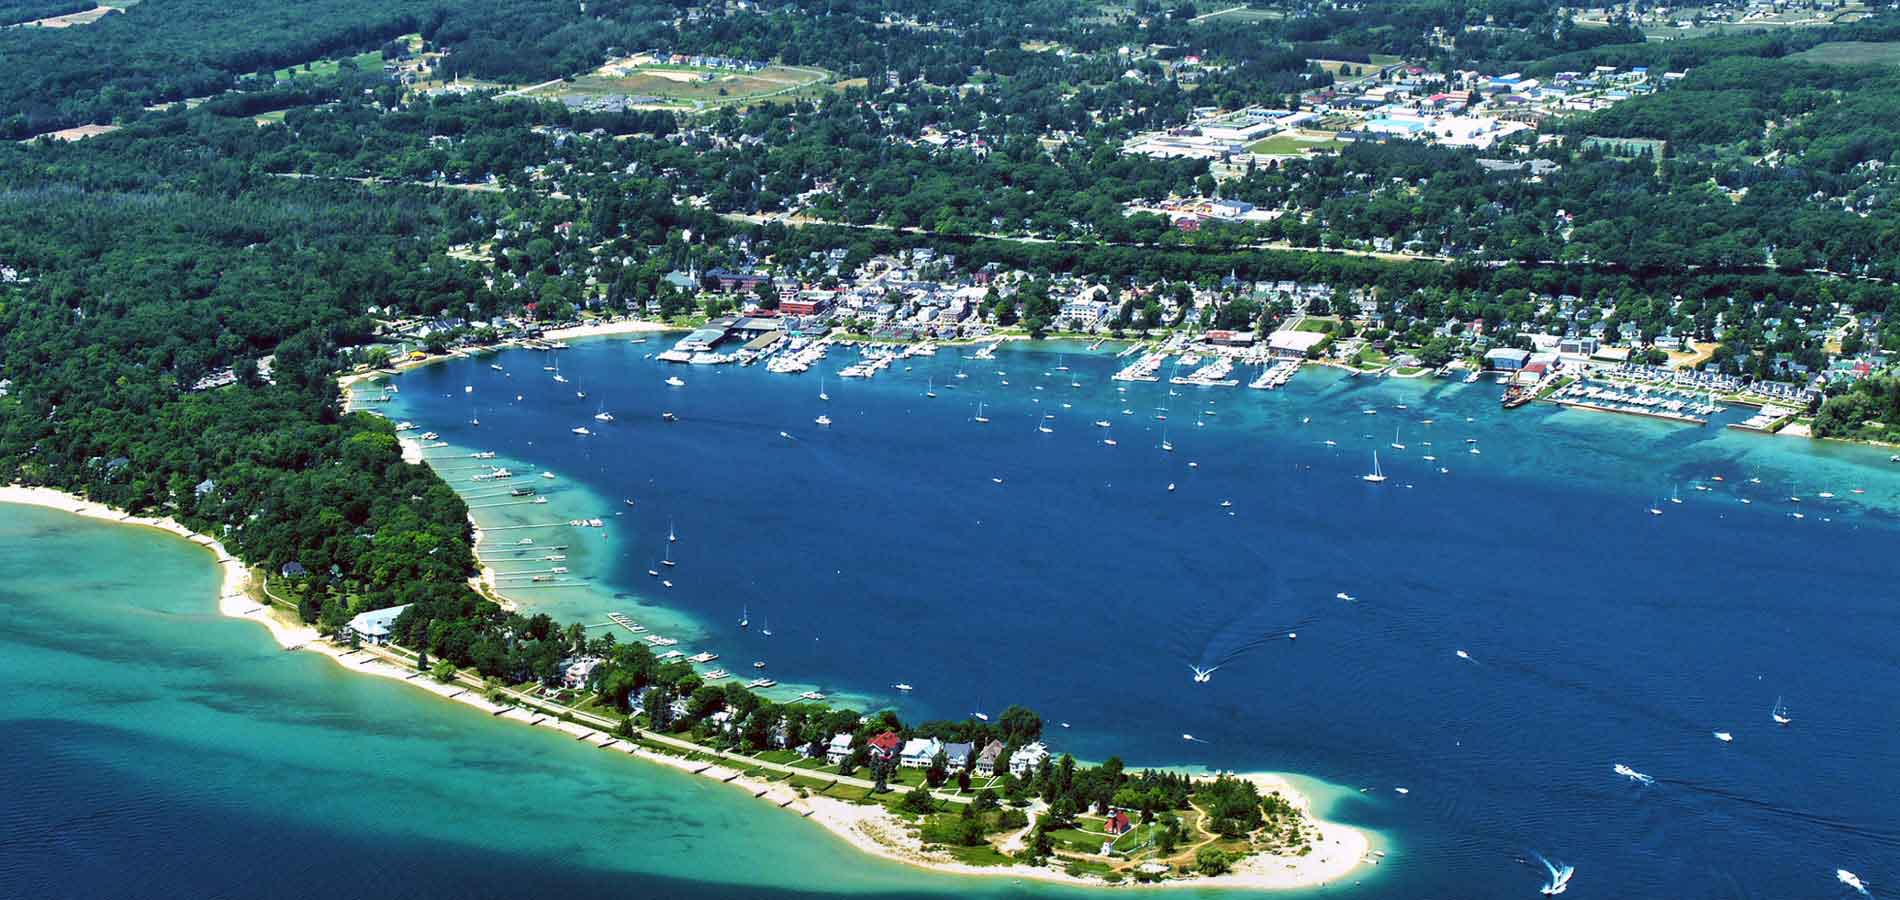 Harbor Springs aerial view